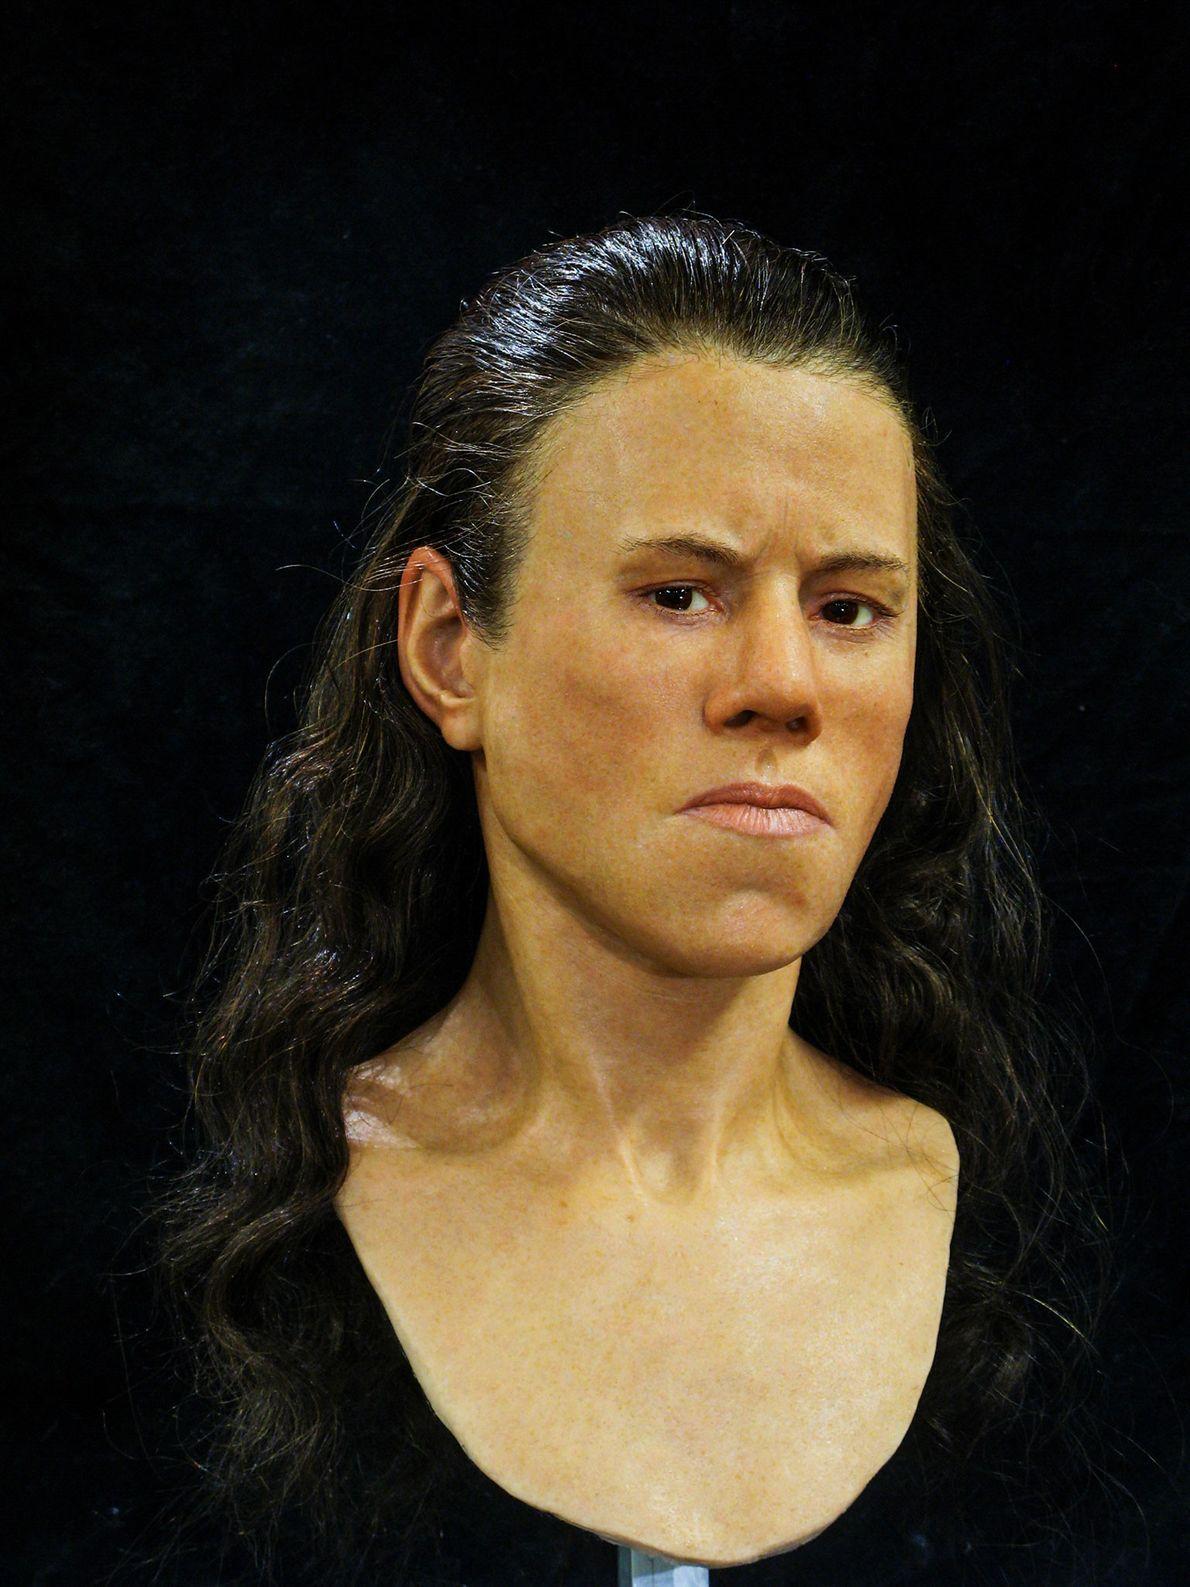 Según el reconstructor Oscar Nilsson, que recreó el rostro de una adolescente que vivió en Grecia ...